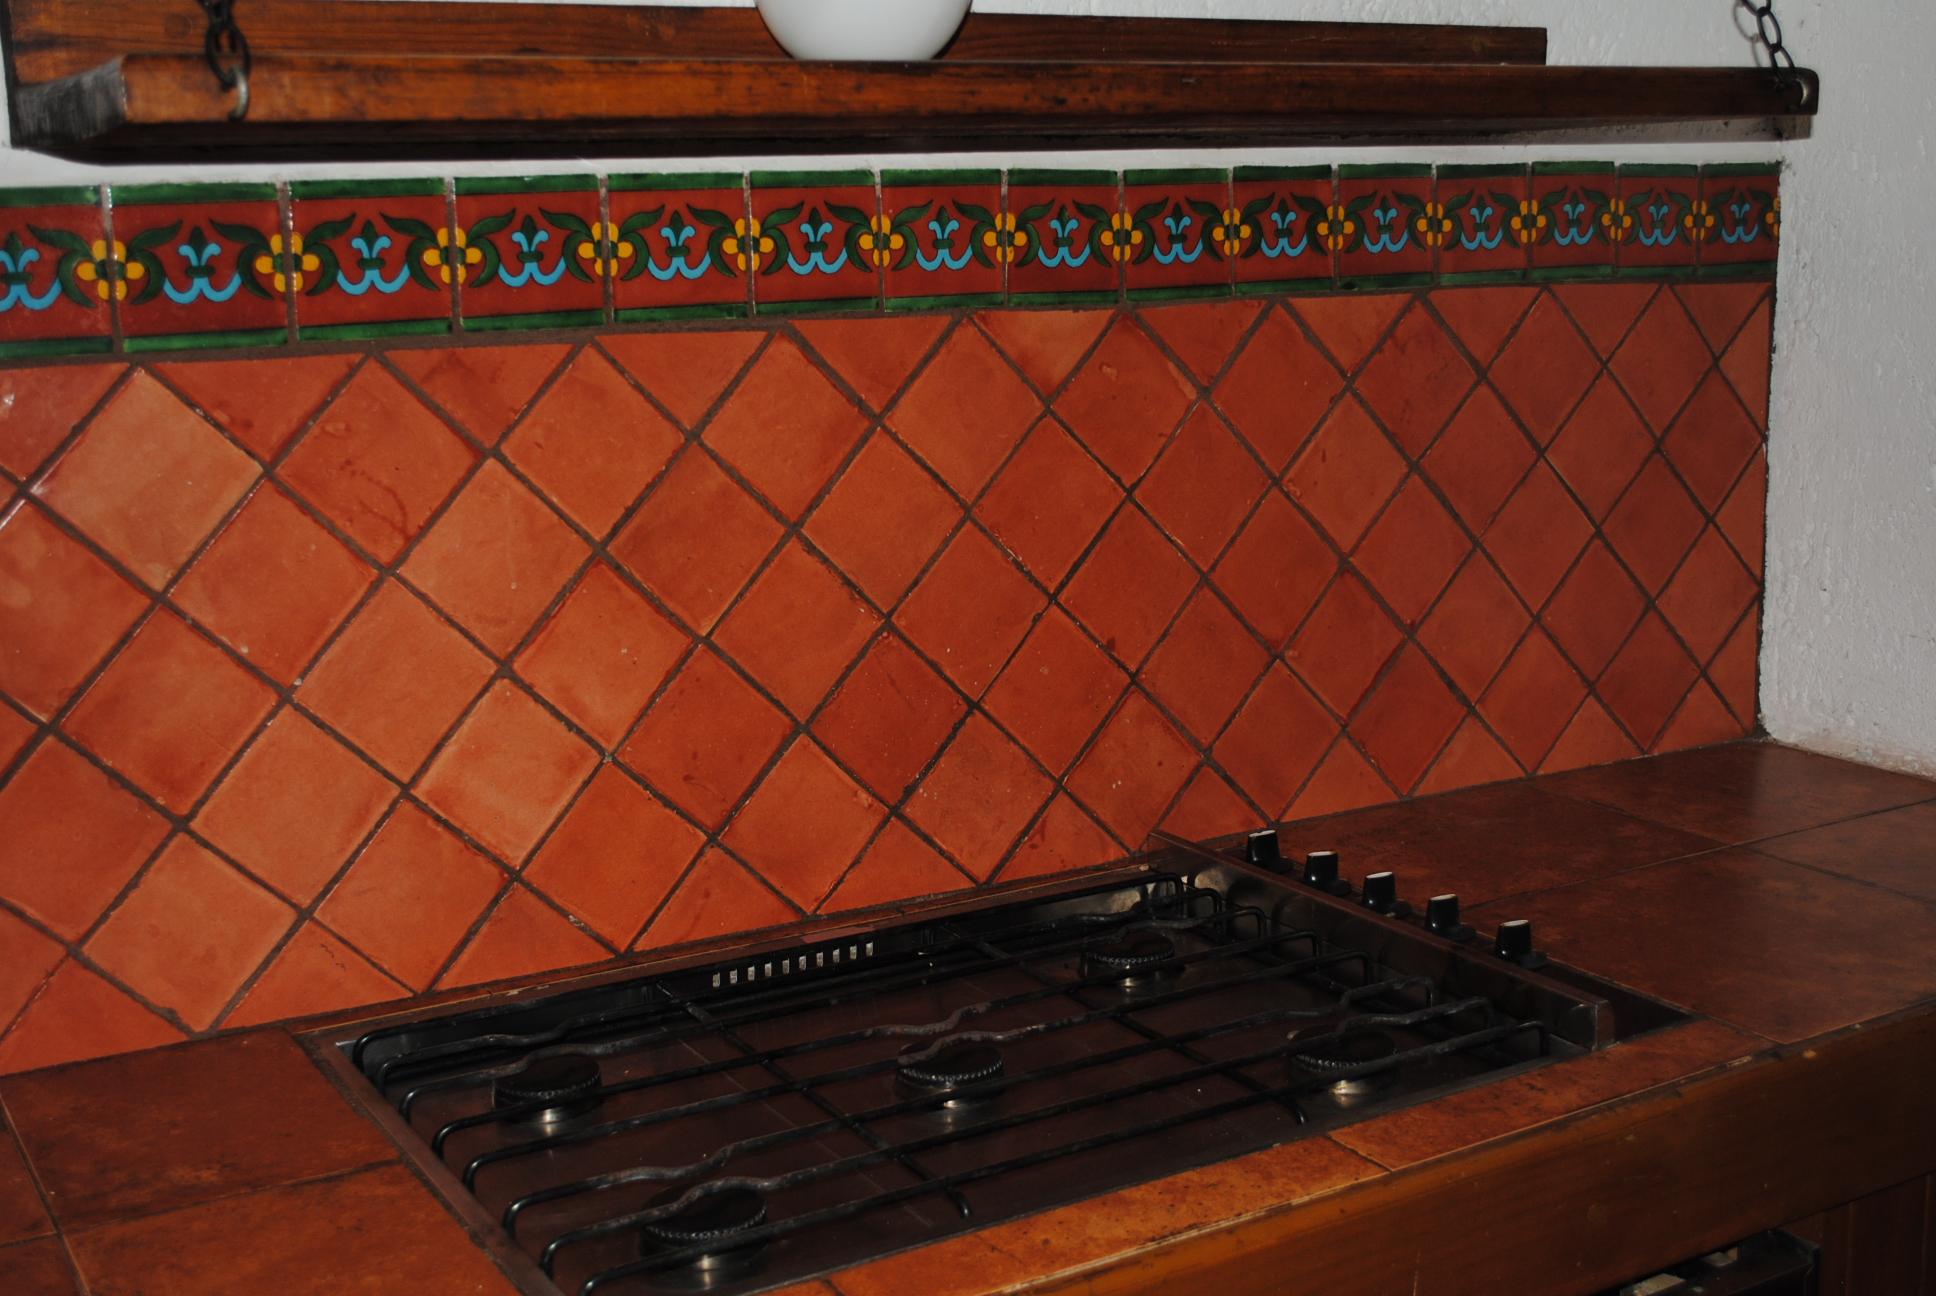 Cocinas mexicanas r sticos artesanales talavera - Azulejos rusticos para cocinas ...